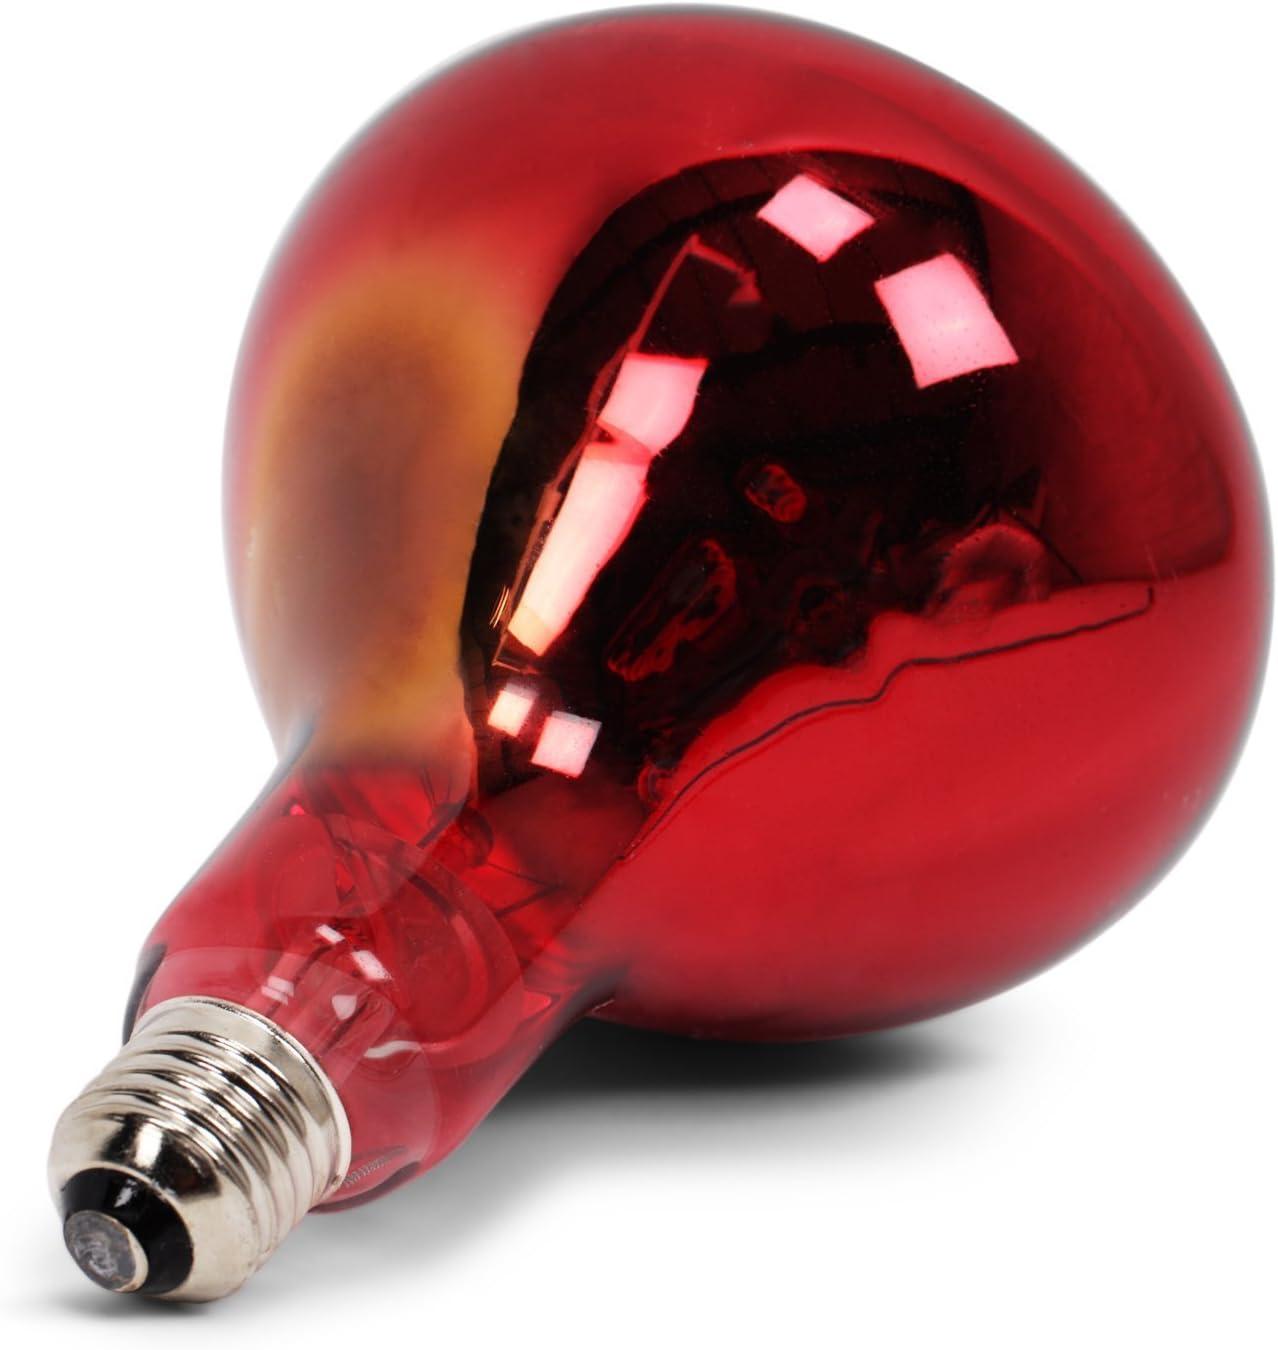 Boston Technology WE-108 Lámpara Flexible Infrarroja para Termoterapia. Alivio para dolores musculares (x-Accesorio)